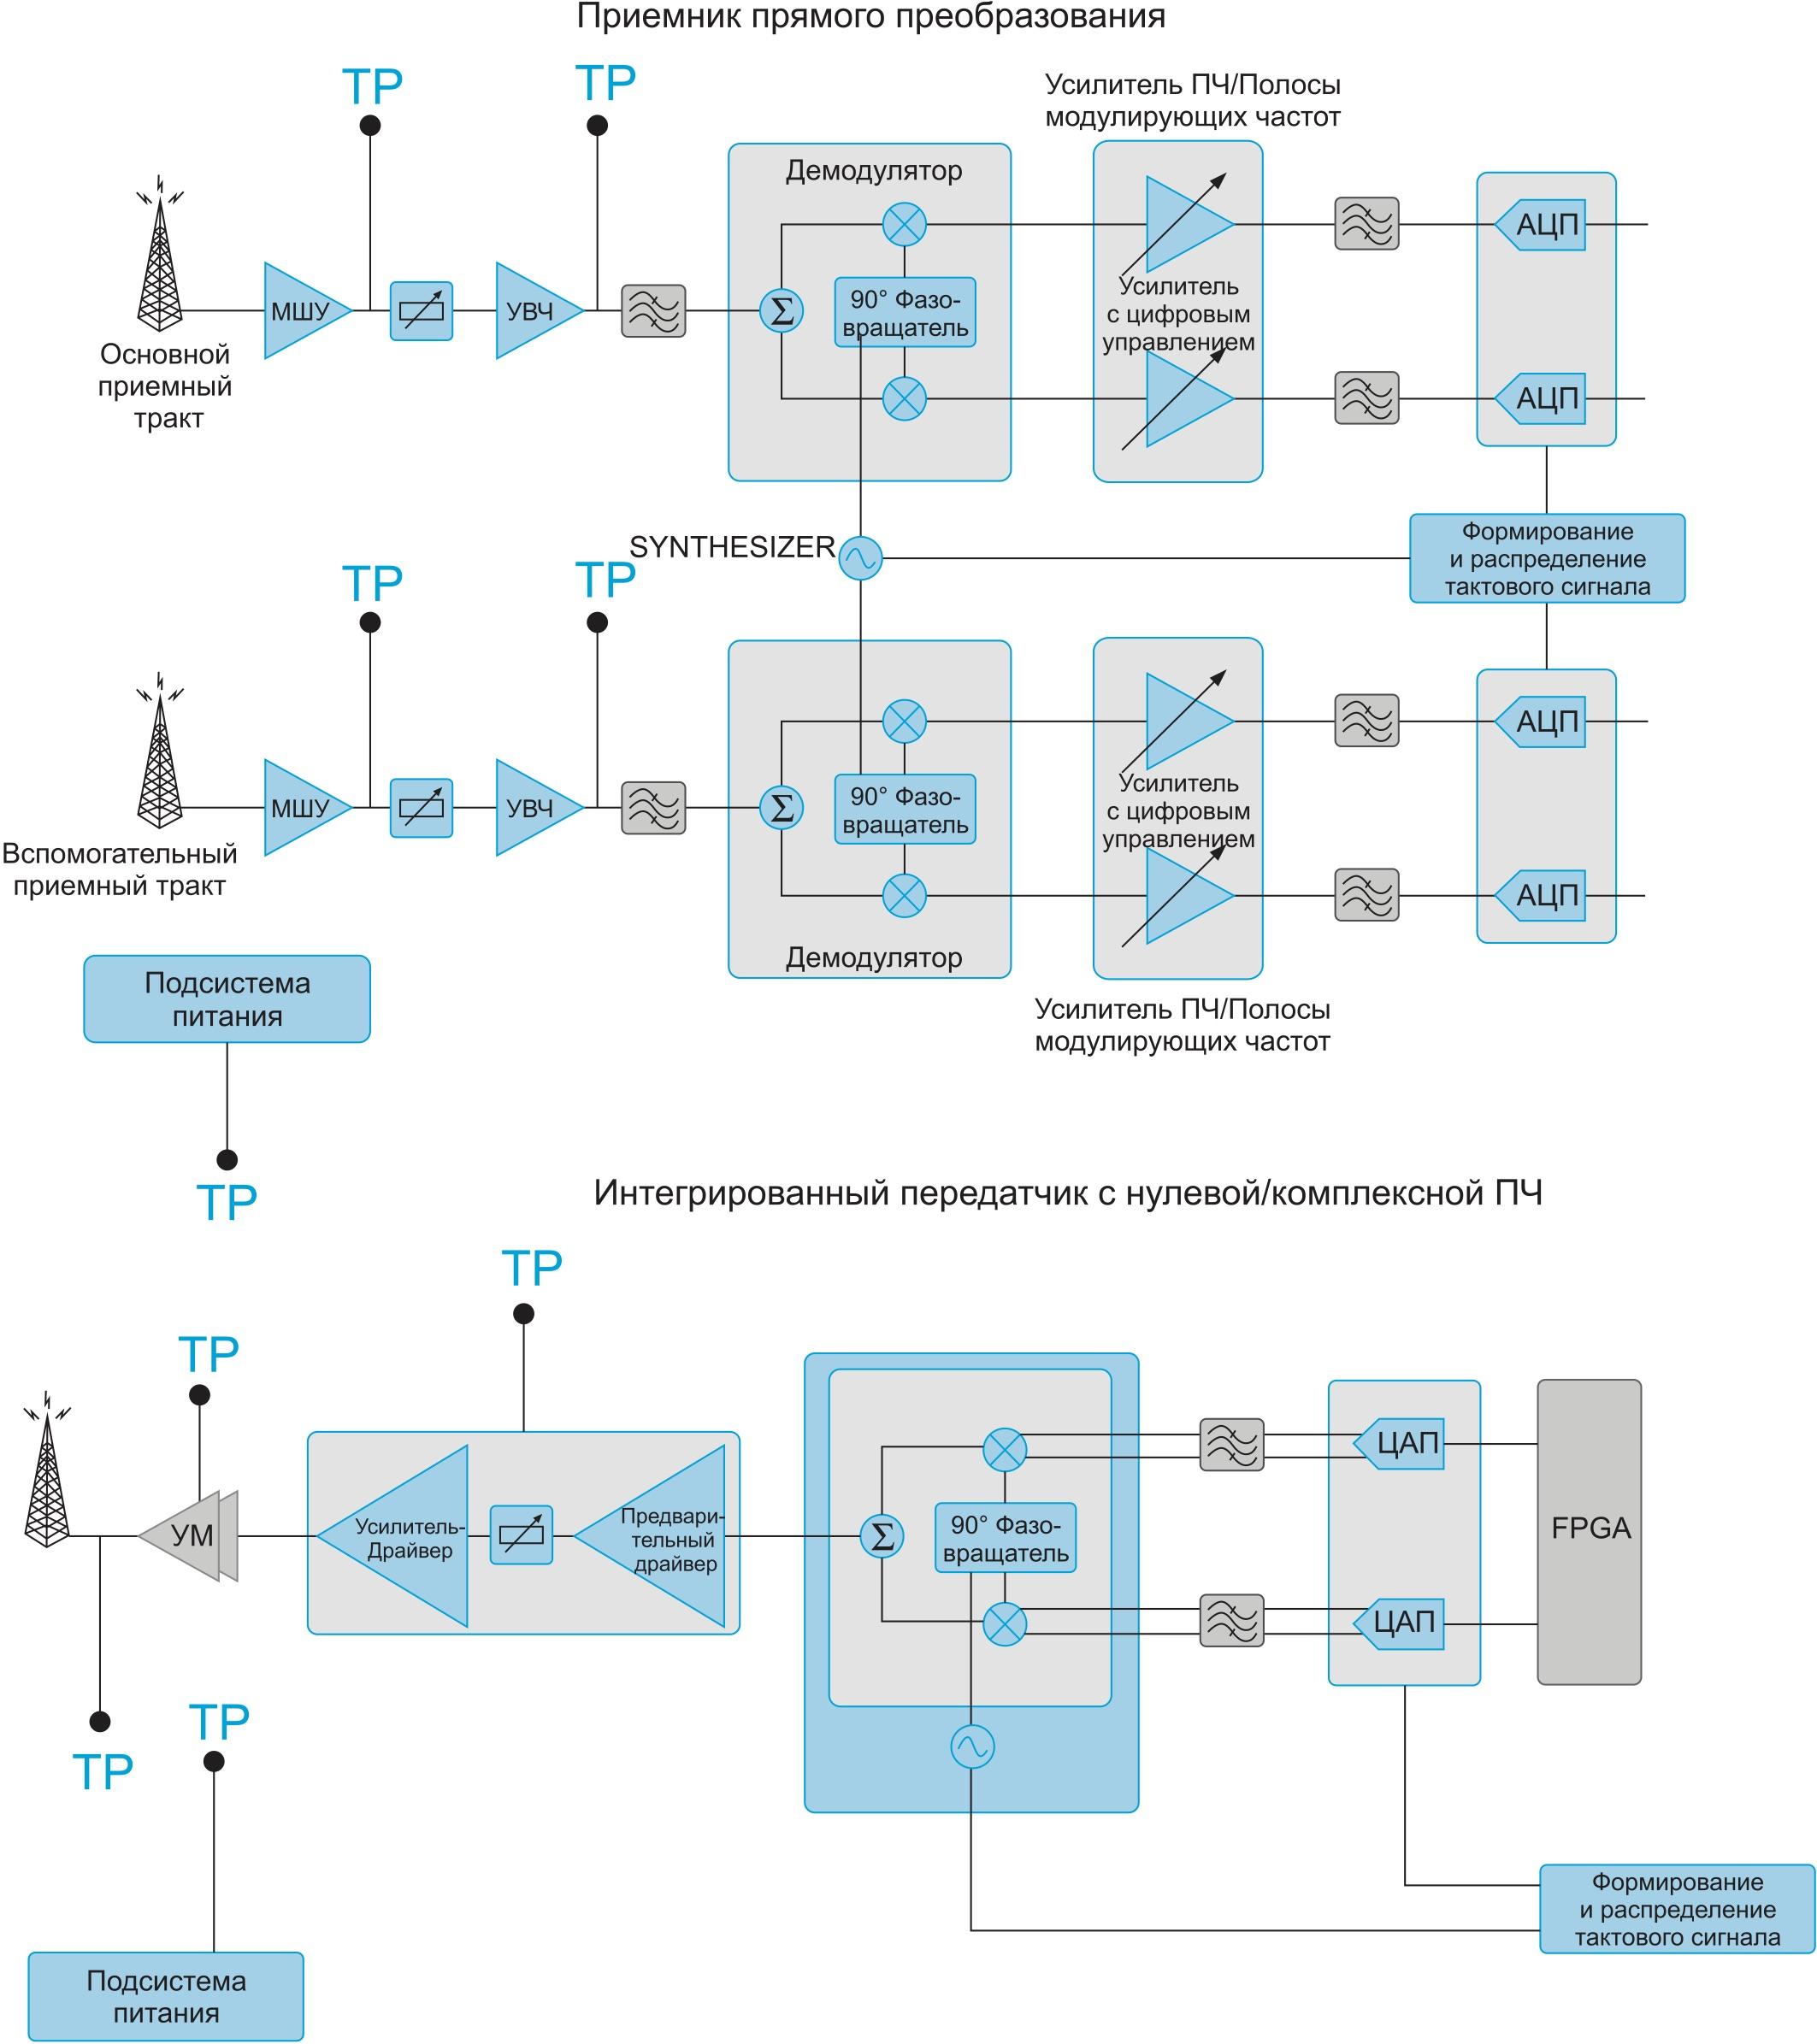 Блок-схема БС макросоты, иллюстрирующая некоторые из точек сбора телеметрии, в которых может быть использован AD9361